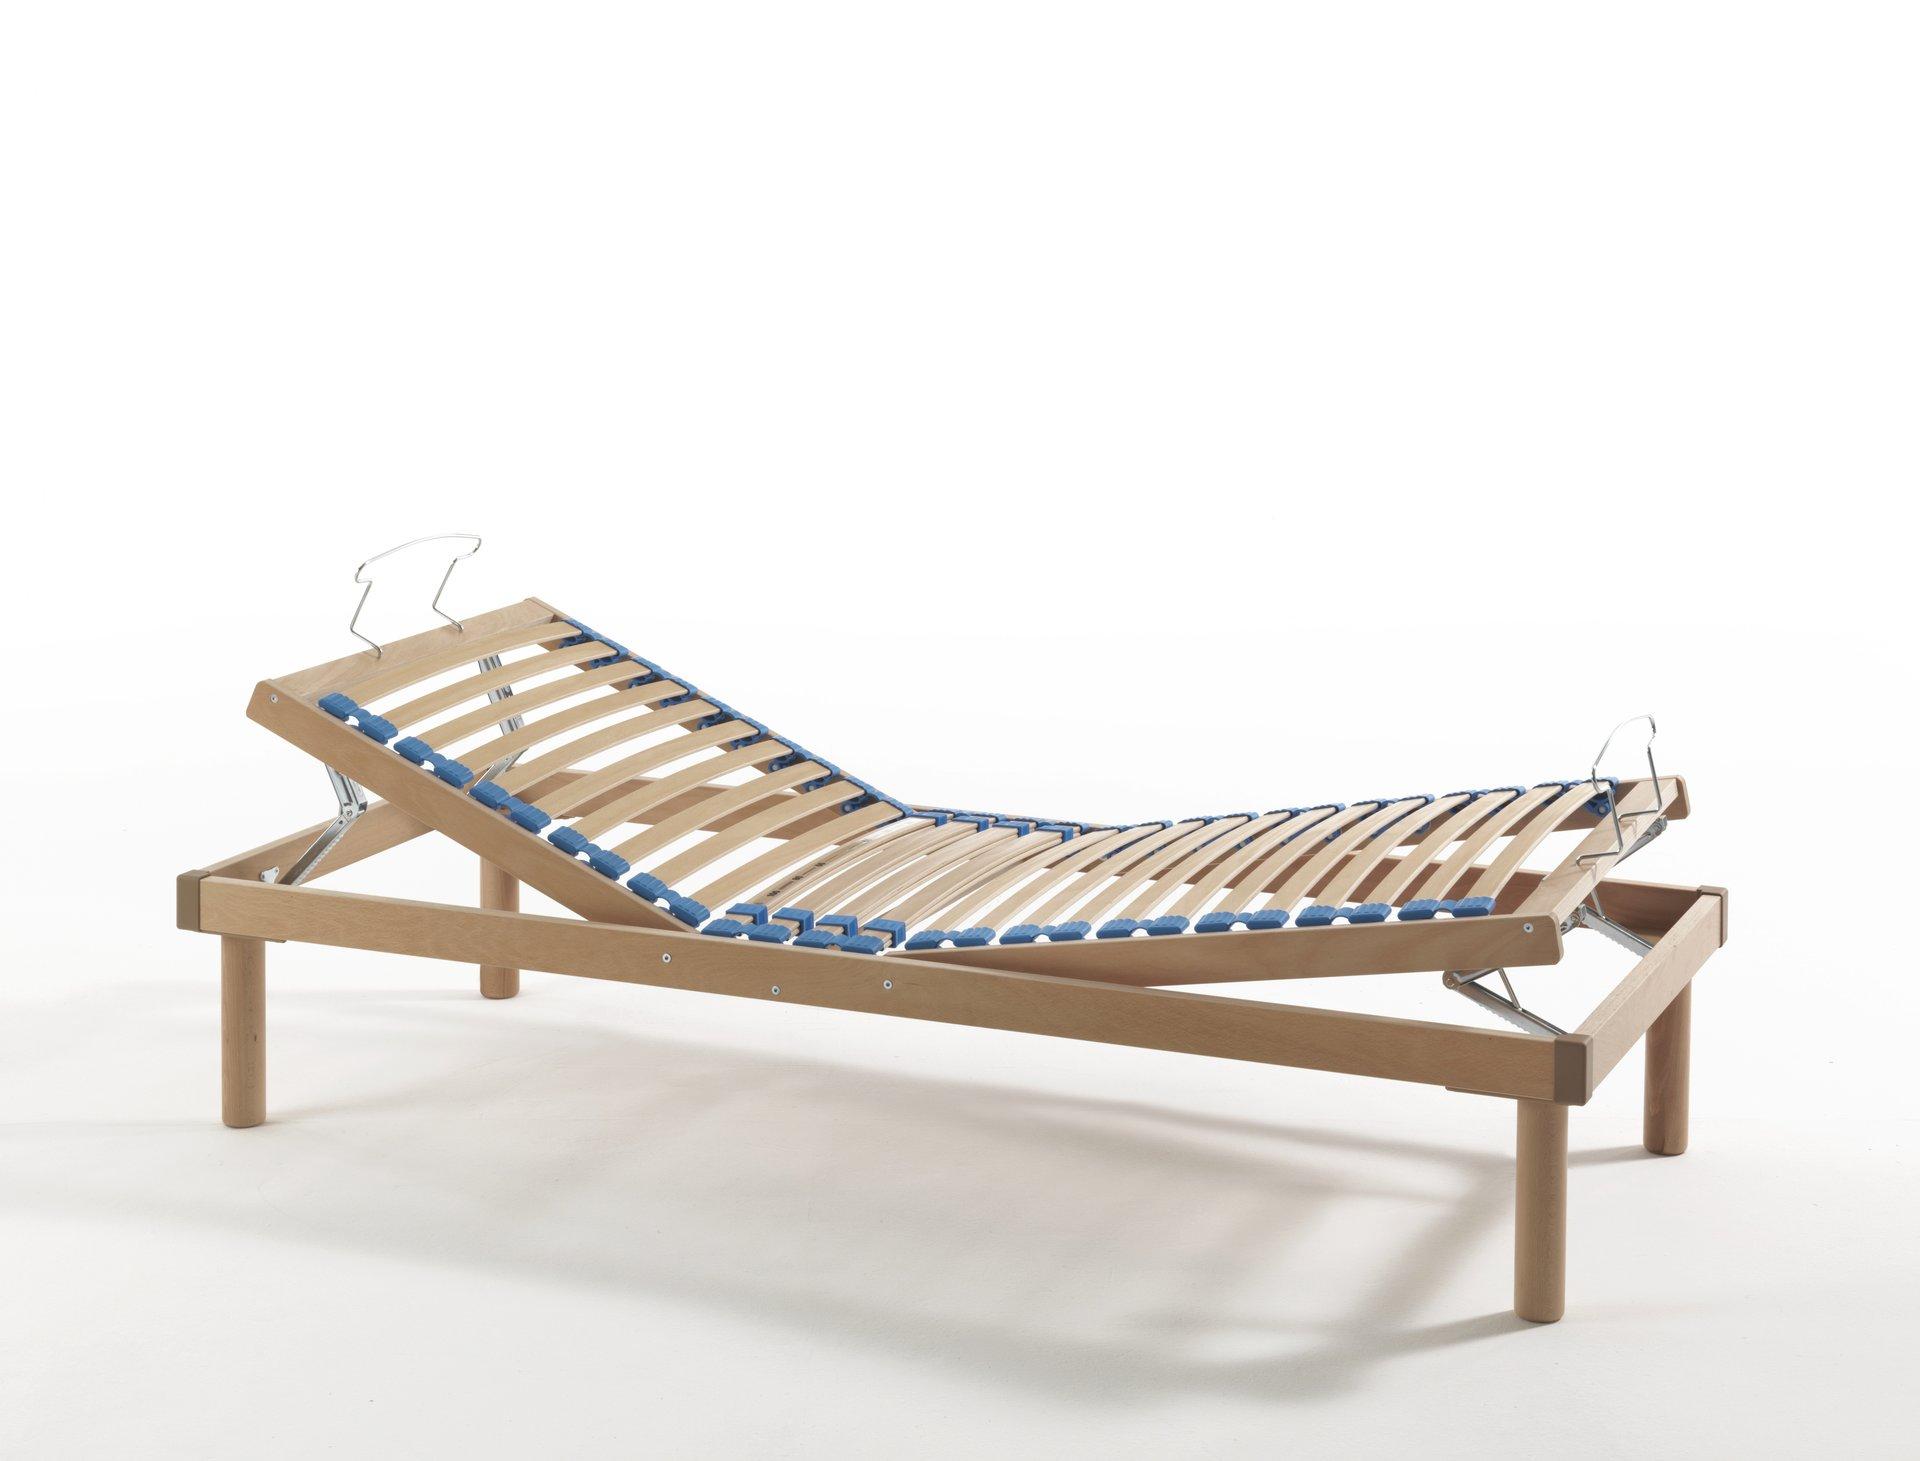 struttura a doghe reclinabile